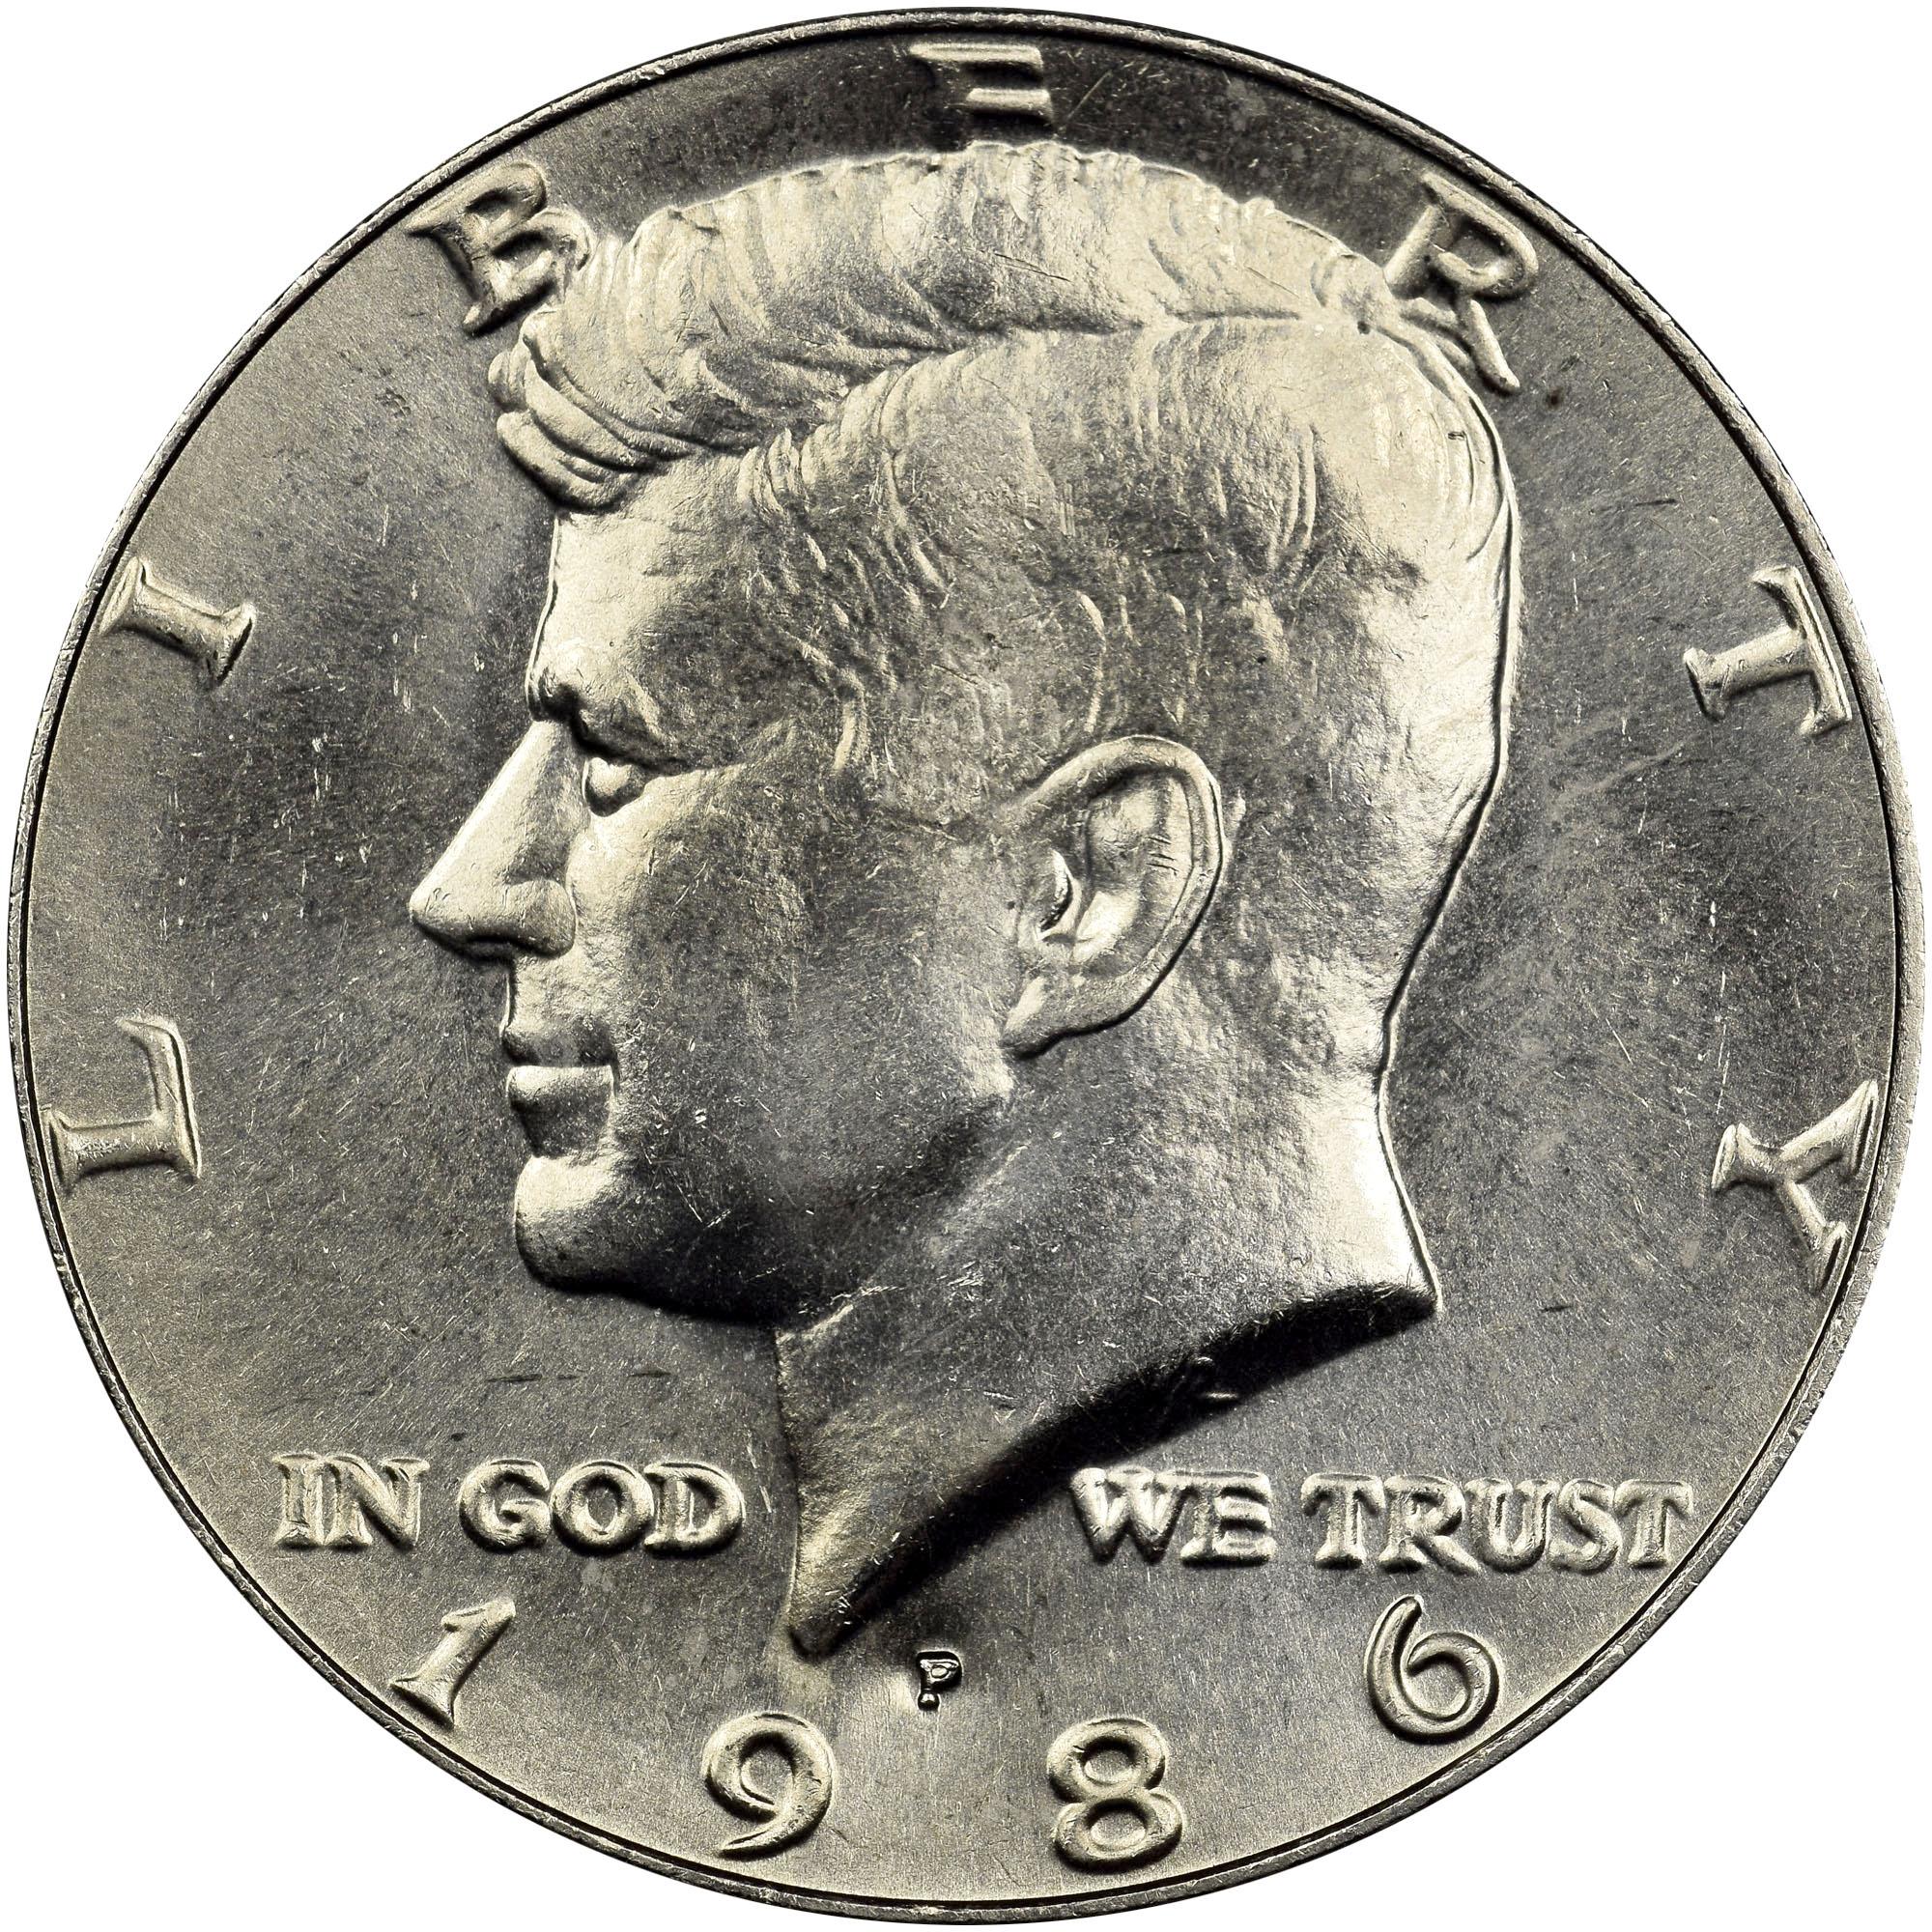 1986 P Kennedy Half Dollar in BU condition